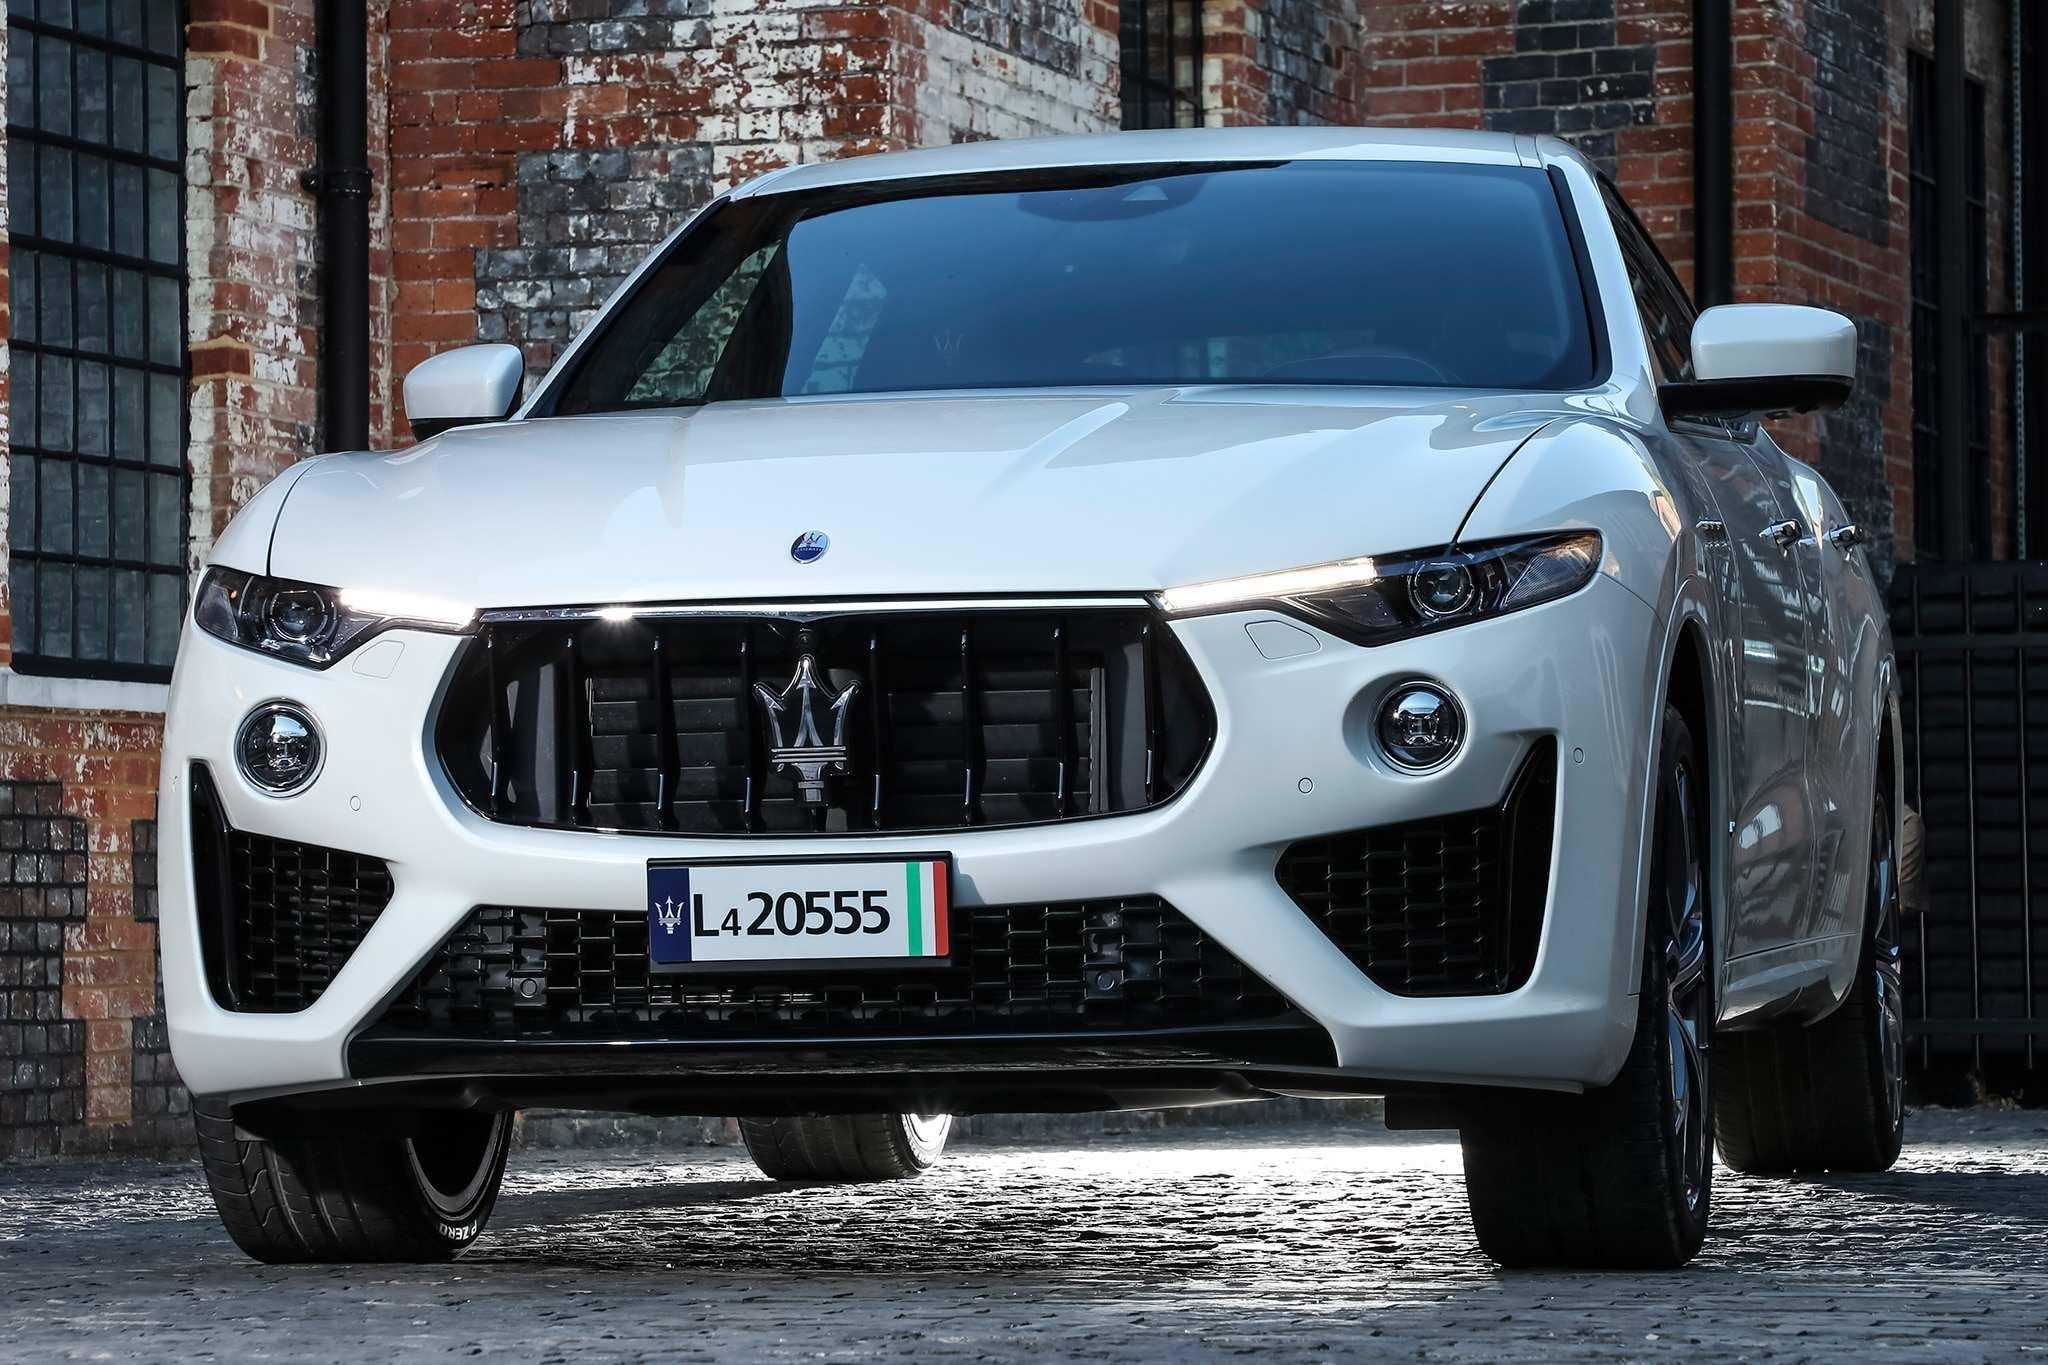 81 Great 2019 Maserati Suv Research New for 2019 Maserati Suv